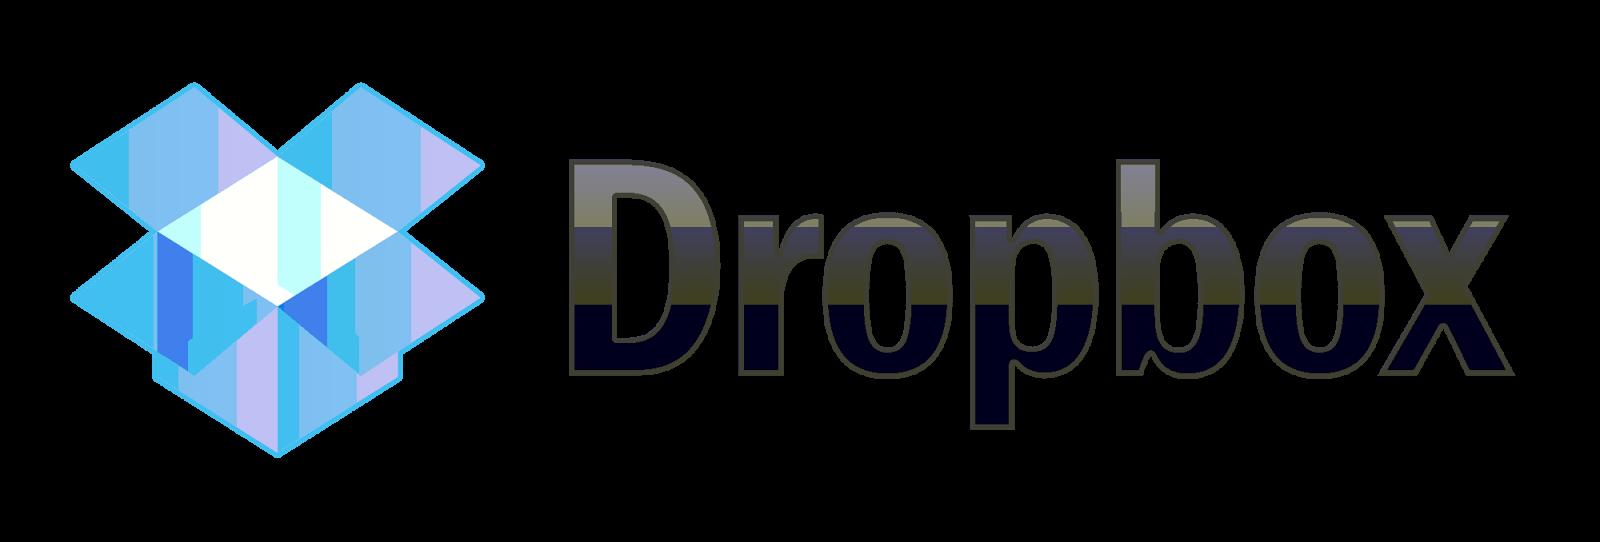 Pentingnya Aplikasi Dropbox Untuk Komputer dan Smartphone